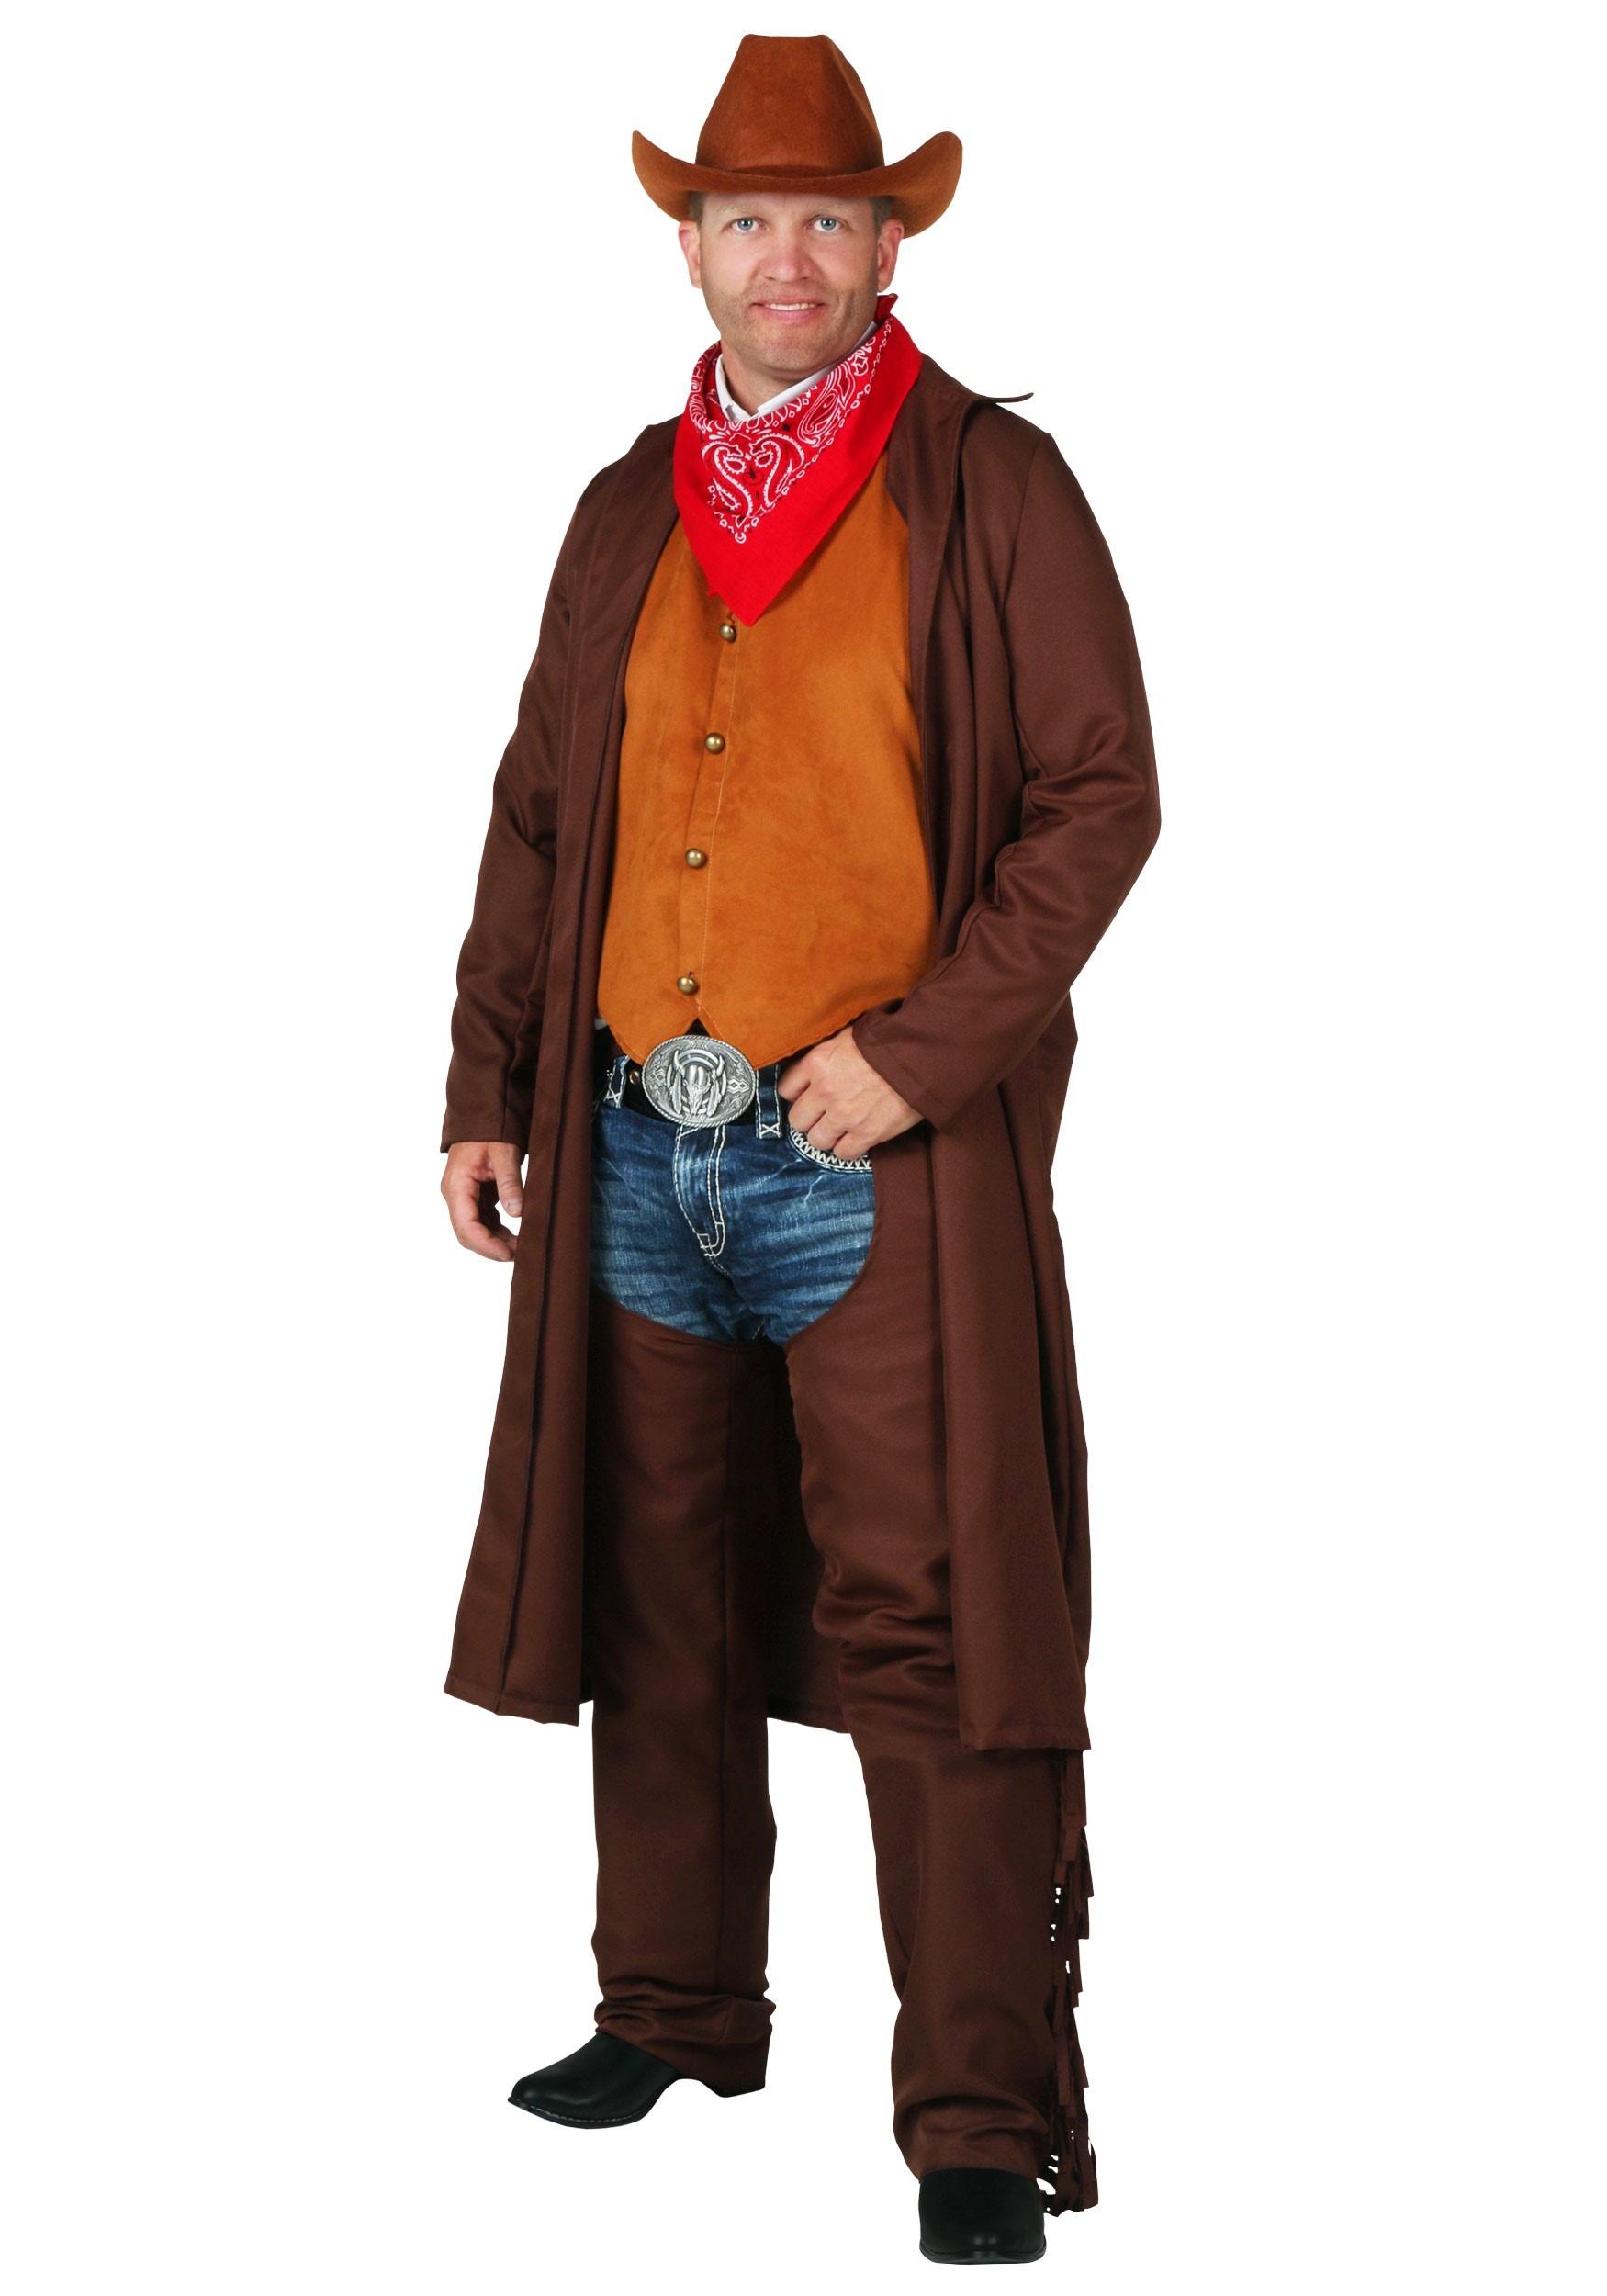 35666f988 Adult Cowboy Costume